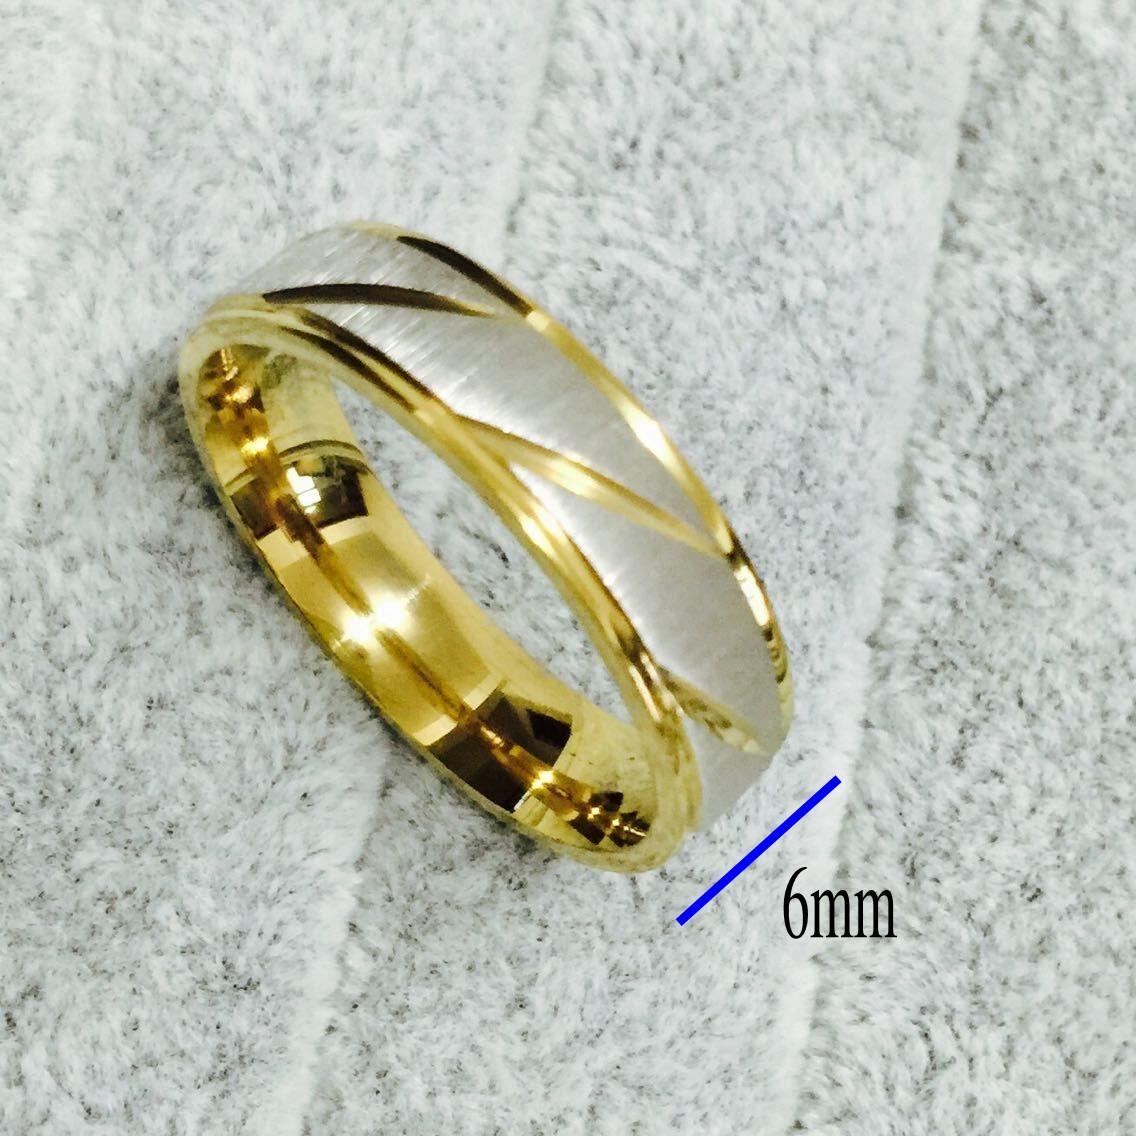 18K 골드 실버 도금 스테인레스 스틸 한국어 남자 반지 남자 여자 결혼 기념일 연인을위한 반지, 그와 그녀의 약속 2 톤